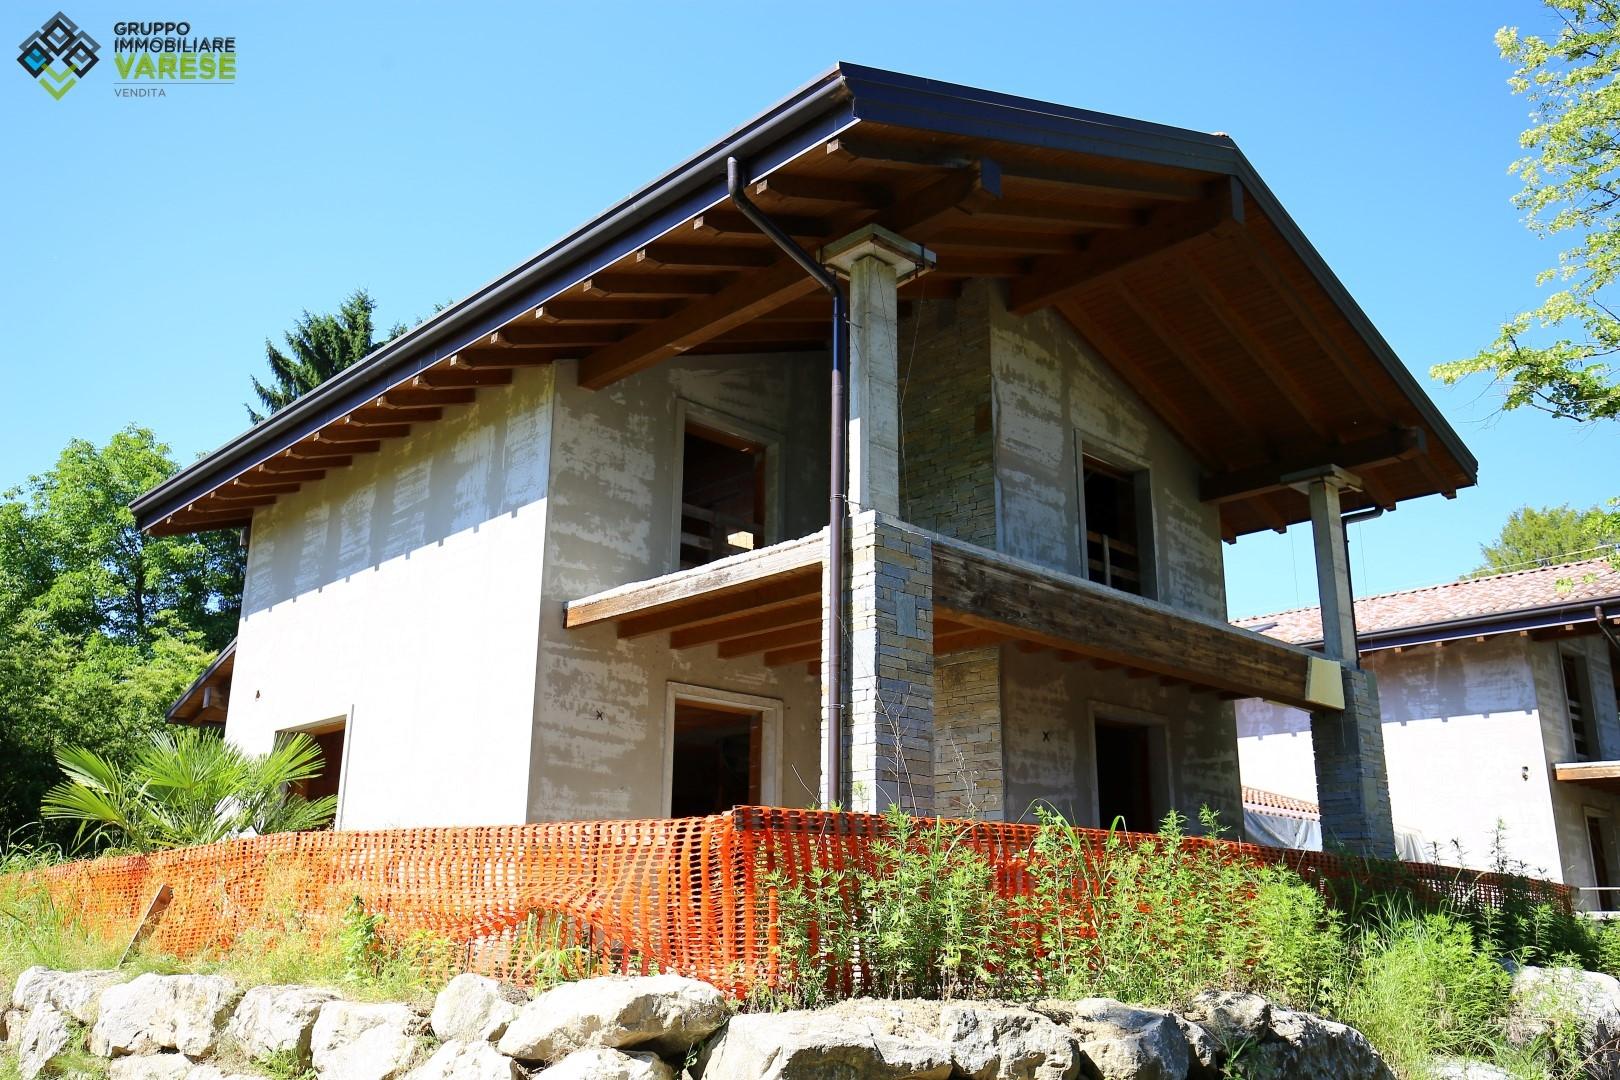 Villa in vendita a Gavirate, 4 locali, prezzo € 510.000 | CambioCasa.it